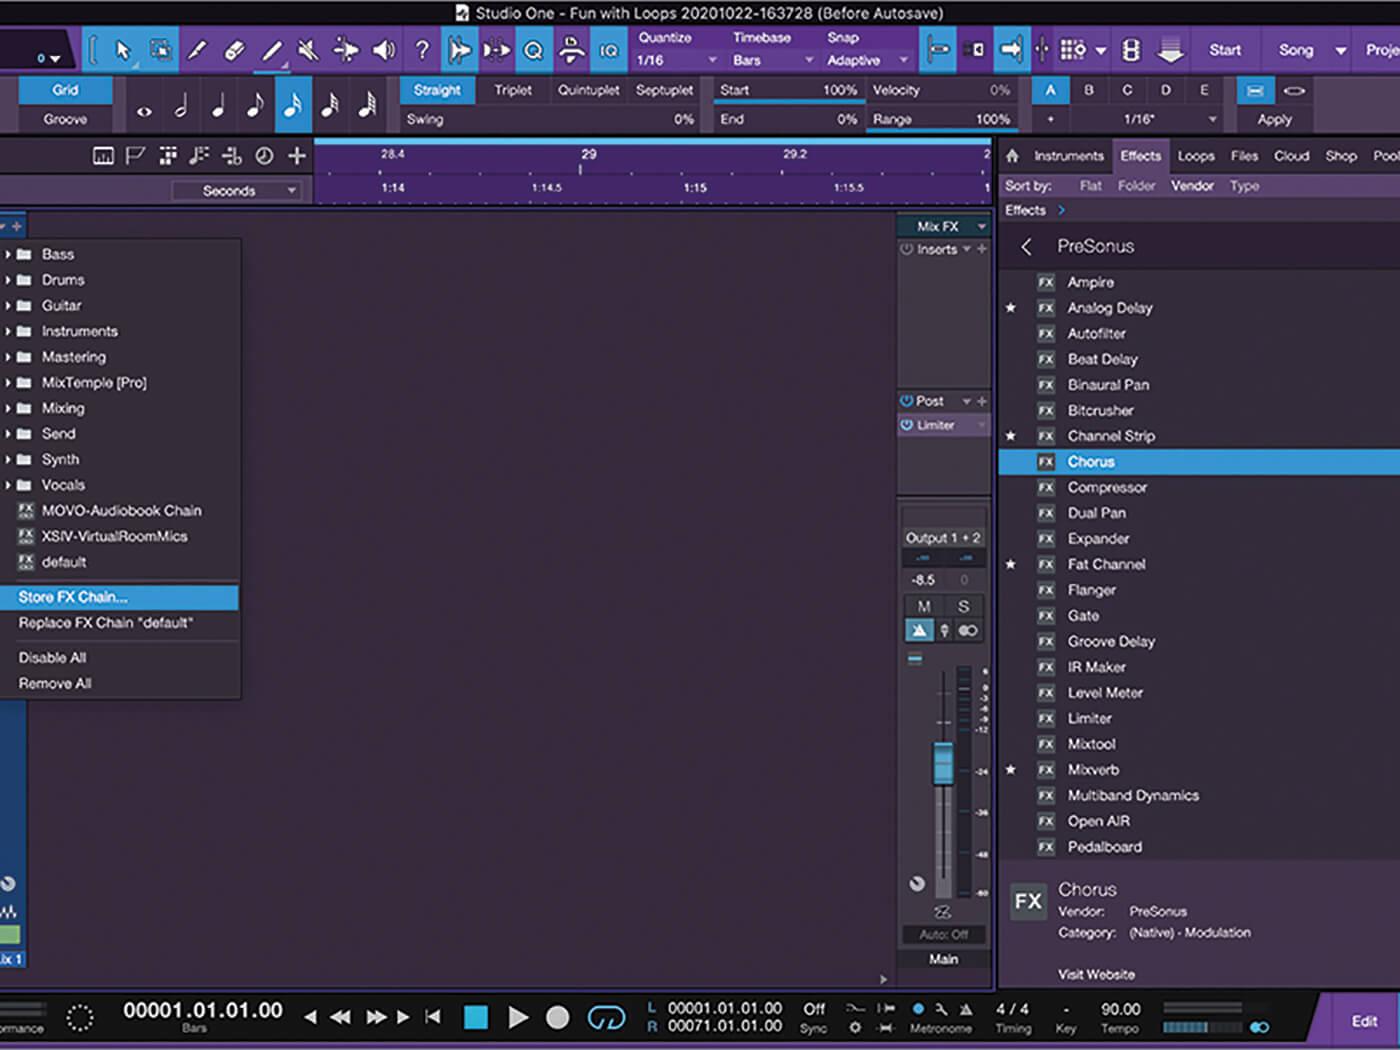 MT213 Studio One TUT 6